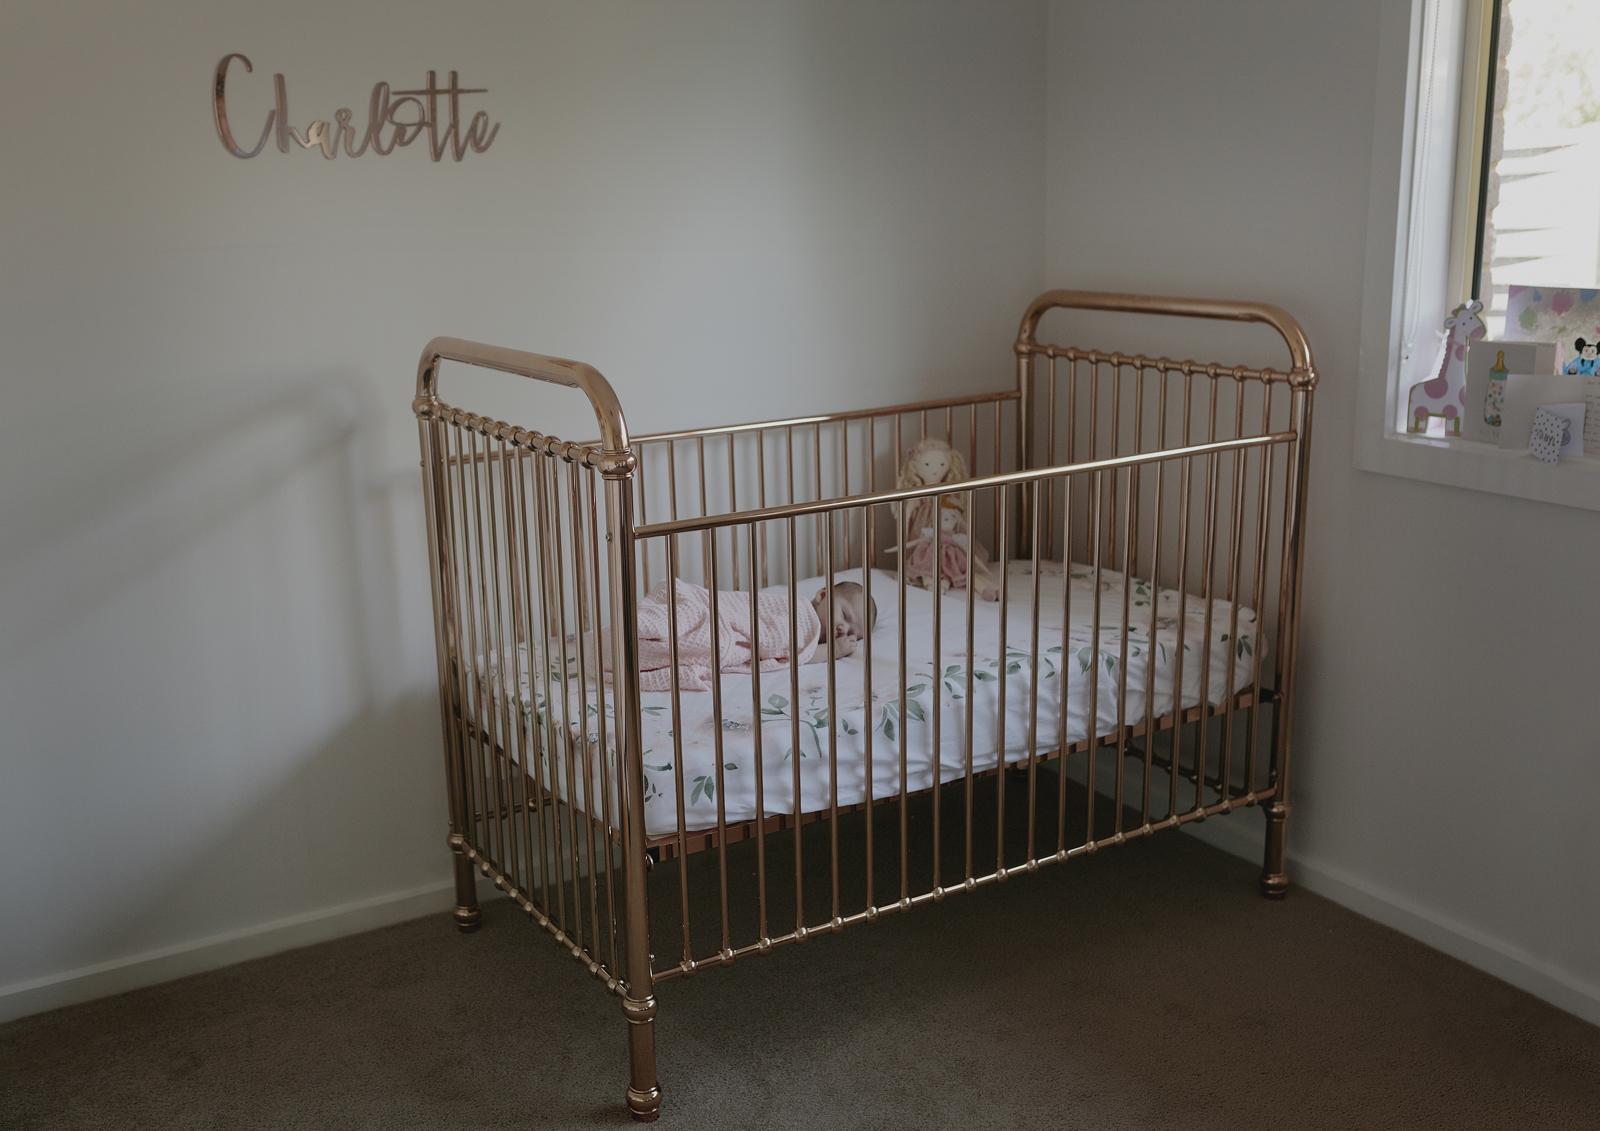 Newborn Baby Girl's Cot